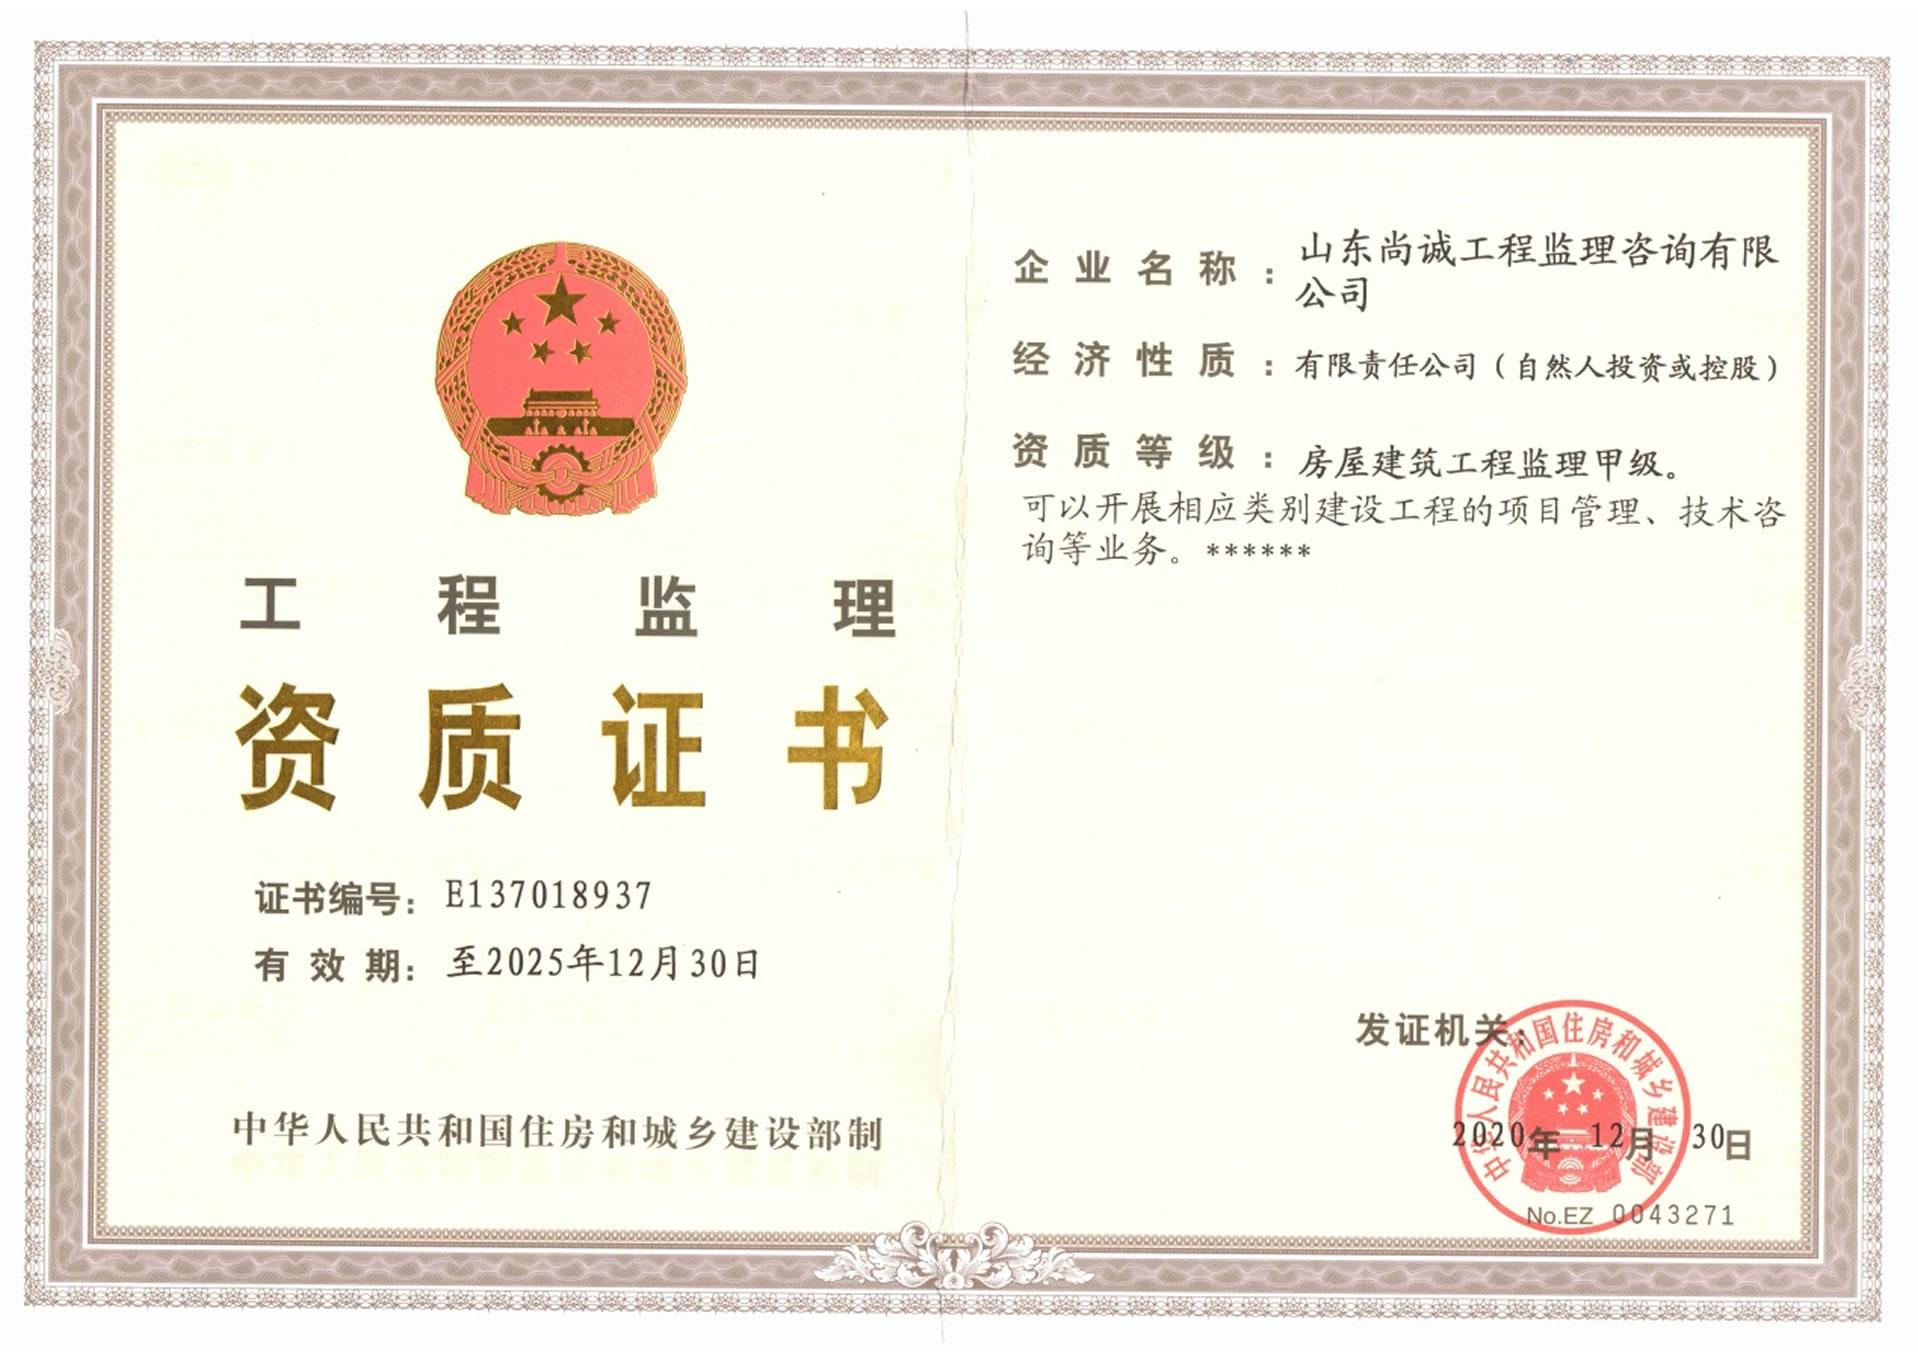 尚诚乐动体育官网资质证书